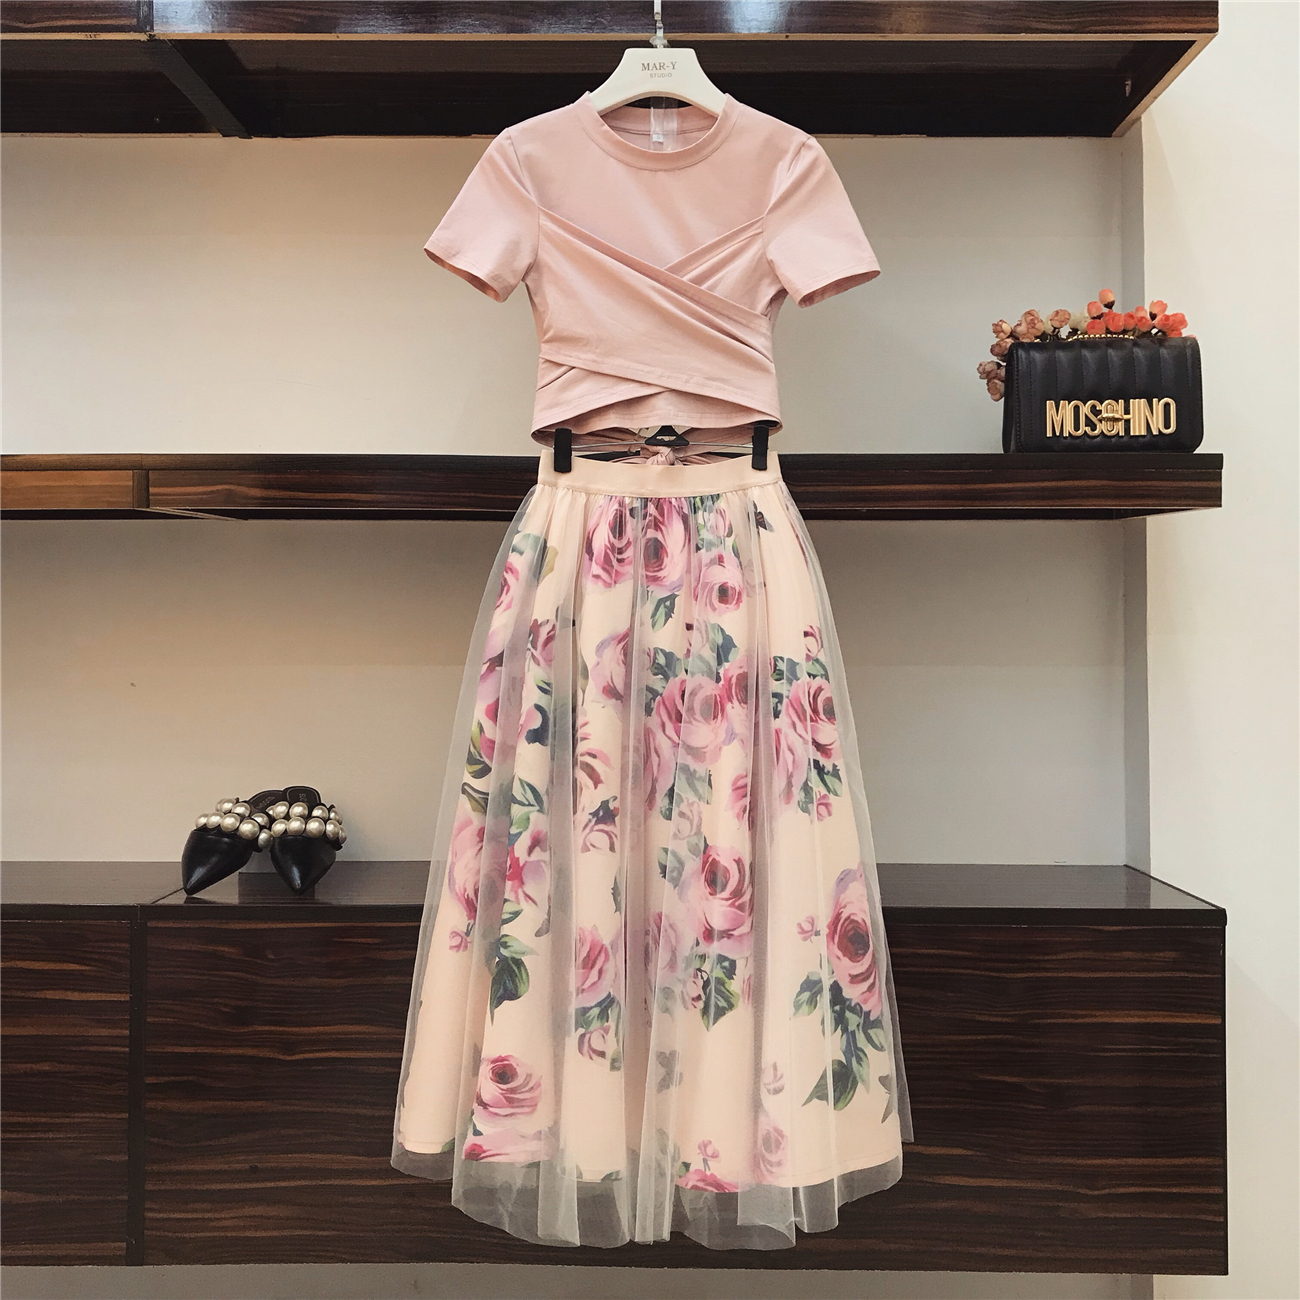 shirt Arc Pink Robes Cravate T Nouvelle D'été Imprimer noir Ensembles Sleeve pièces 2018 Croix Femmes Irrégulière Fille rose Fleur Jupe Mode Long Vintage Lady Deux xqYnwzHR